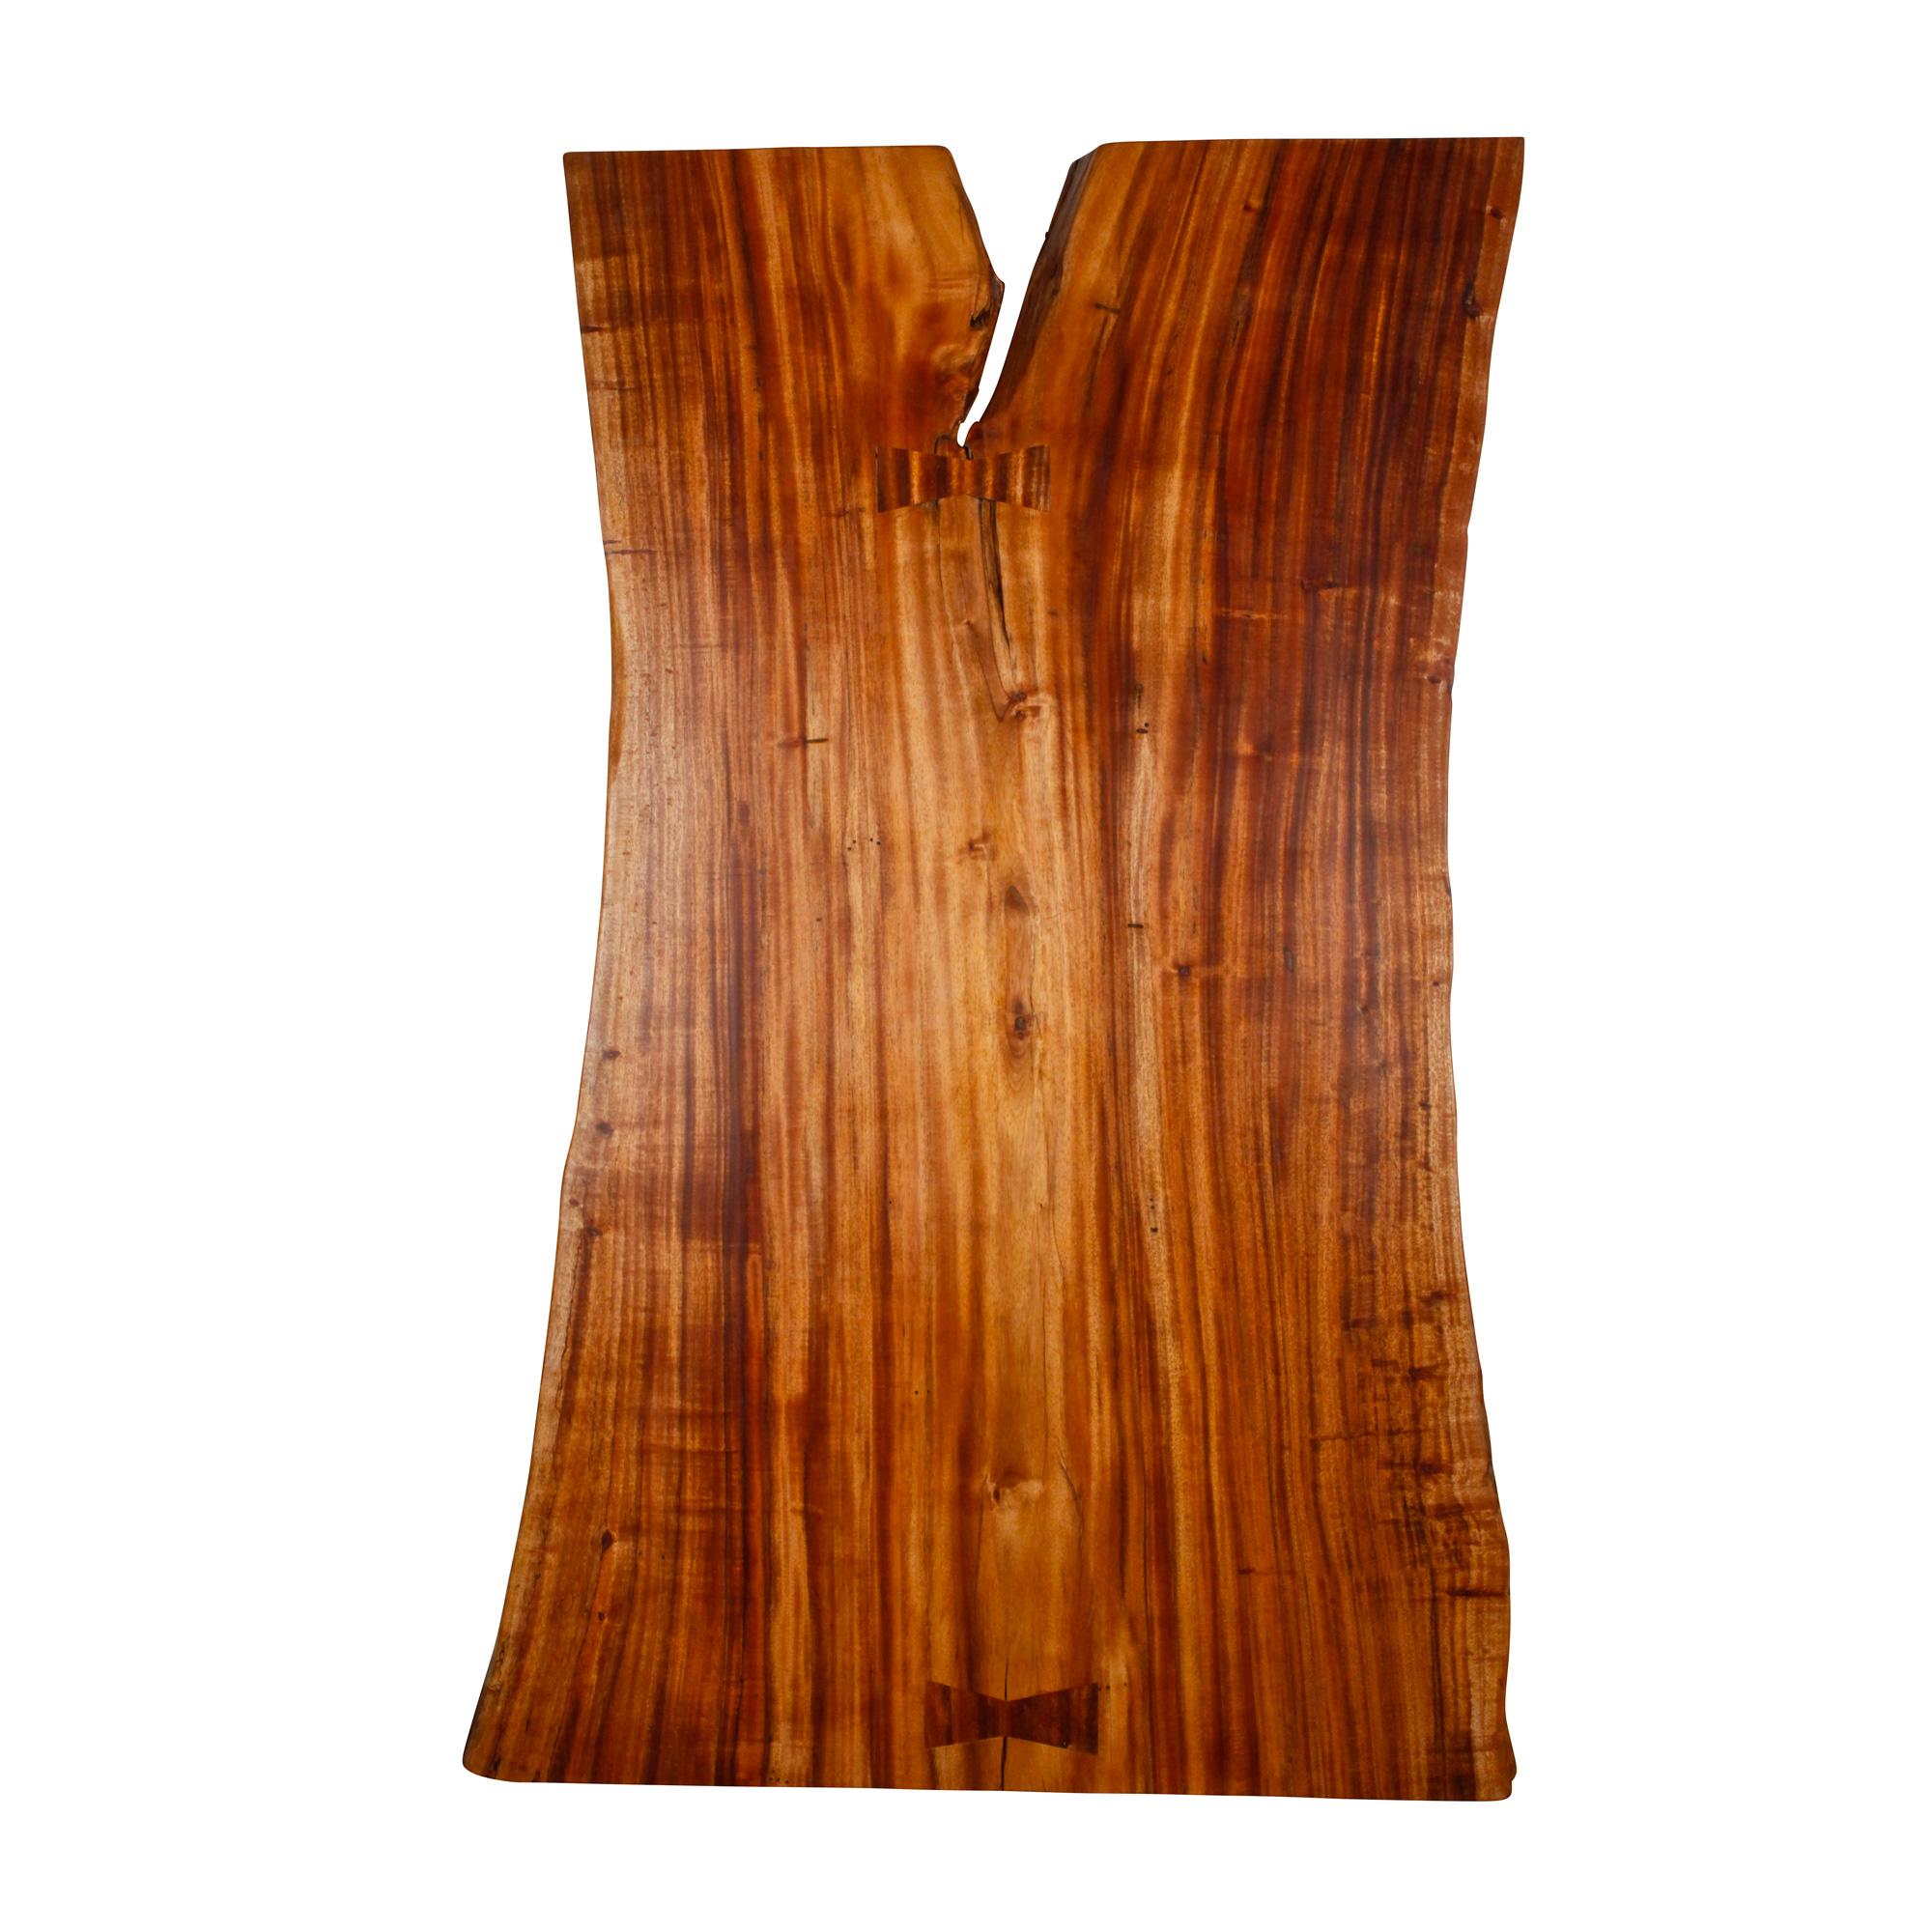 Orejero Natural Wood Art - P25